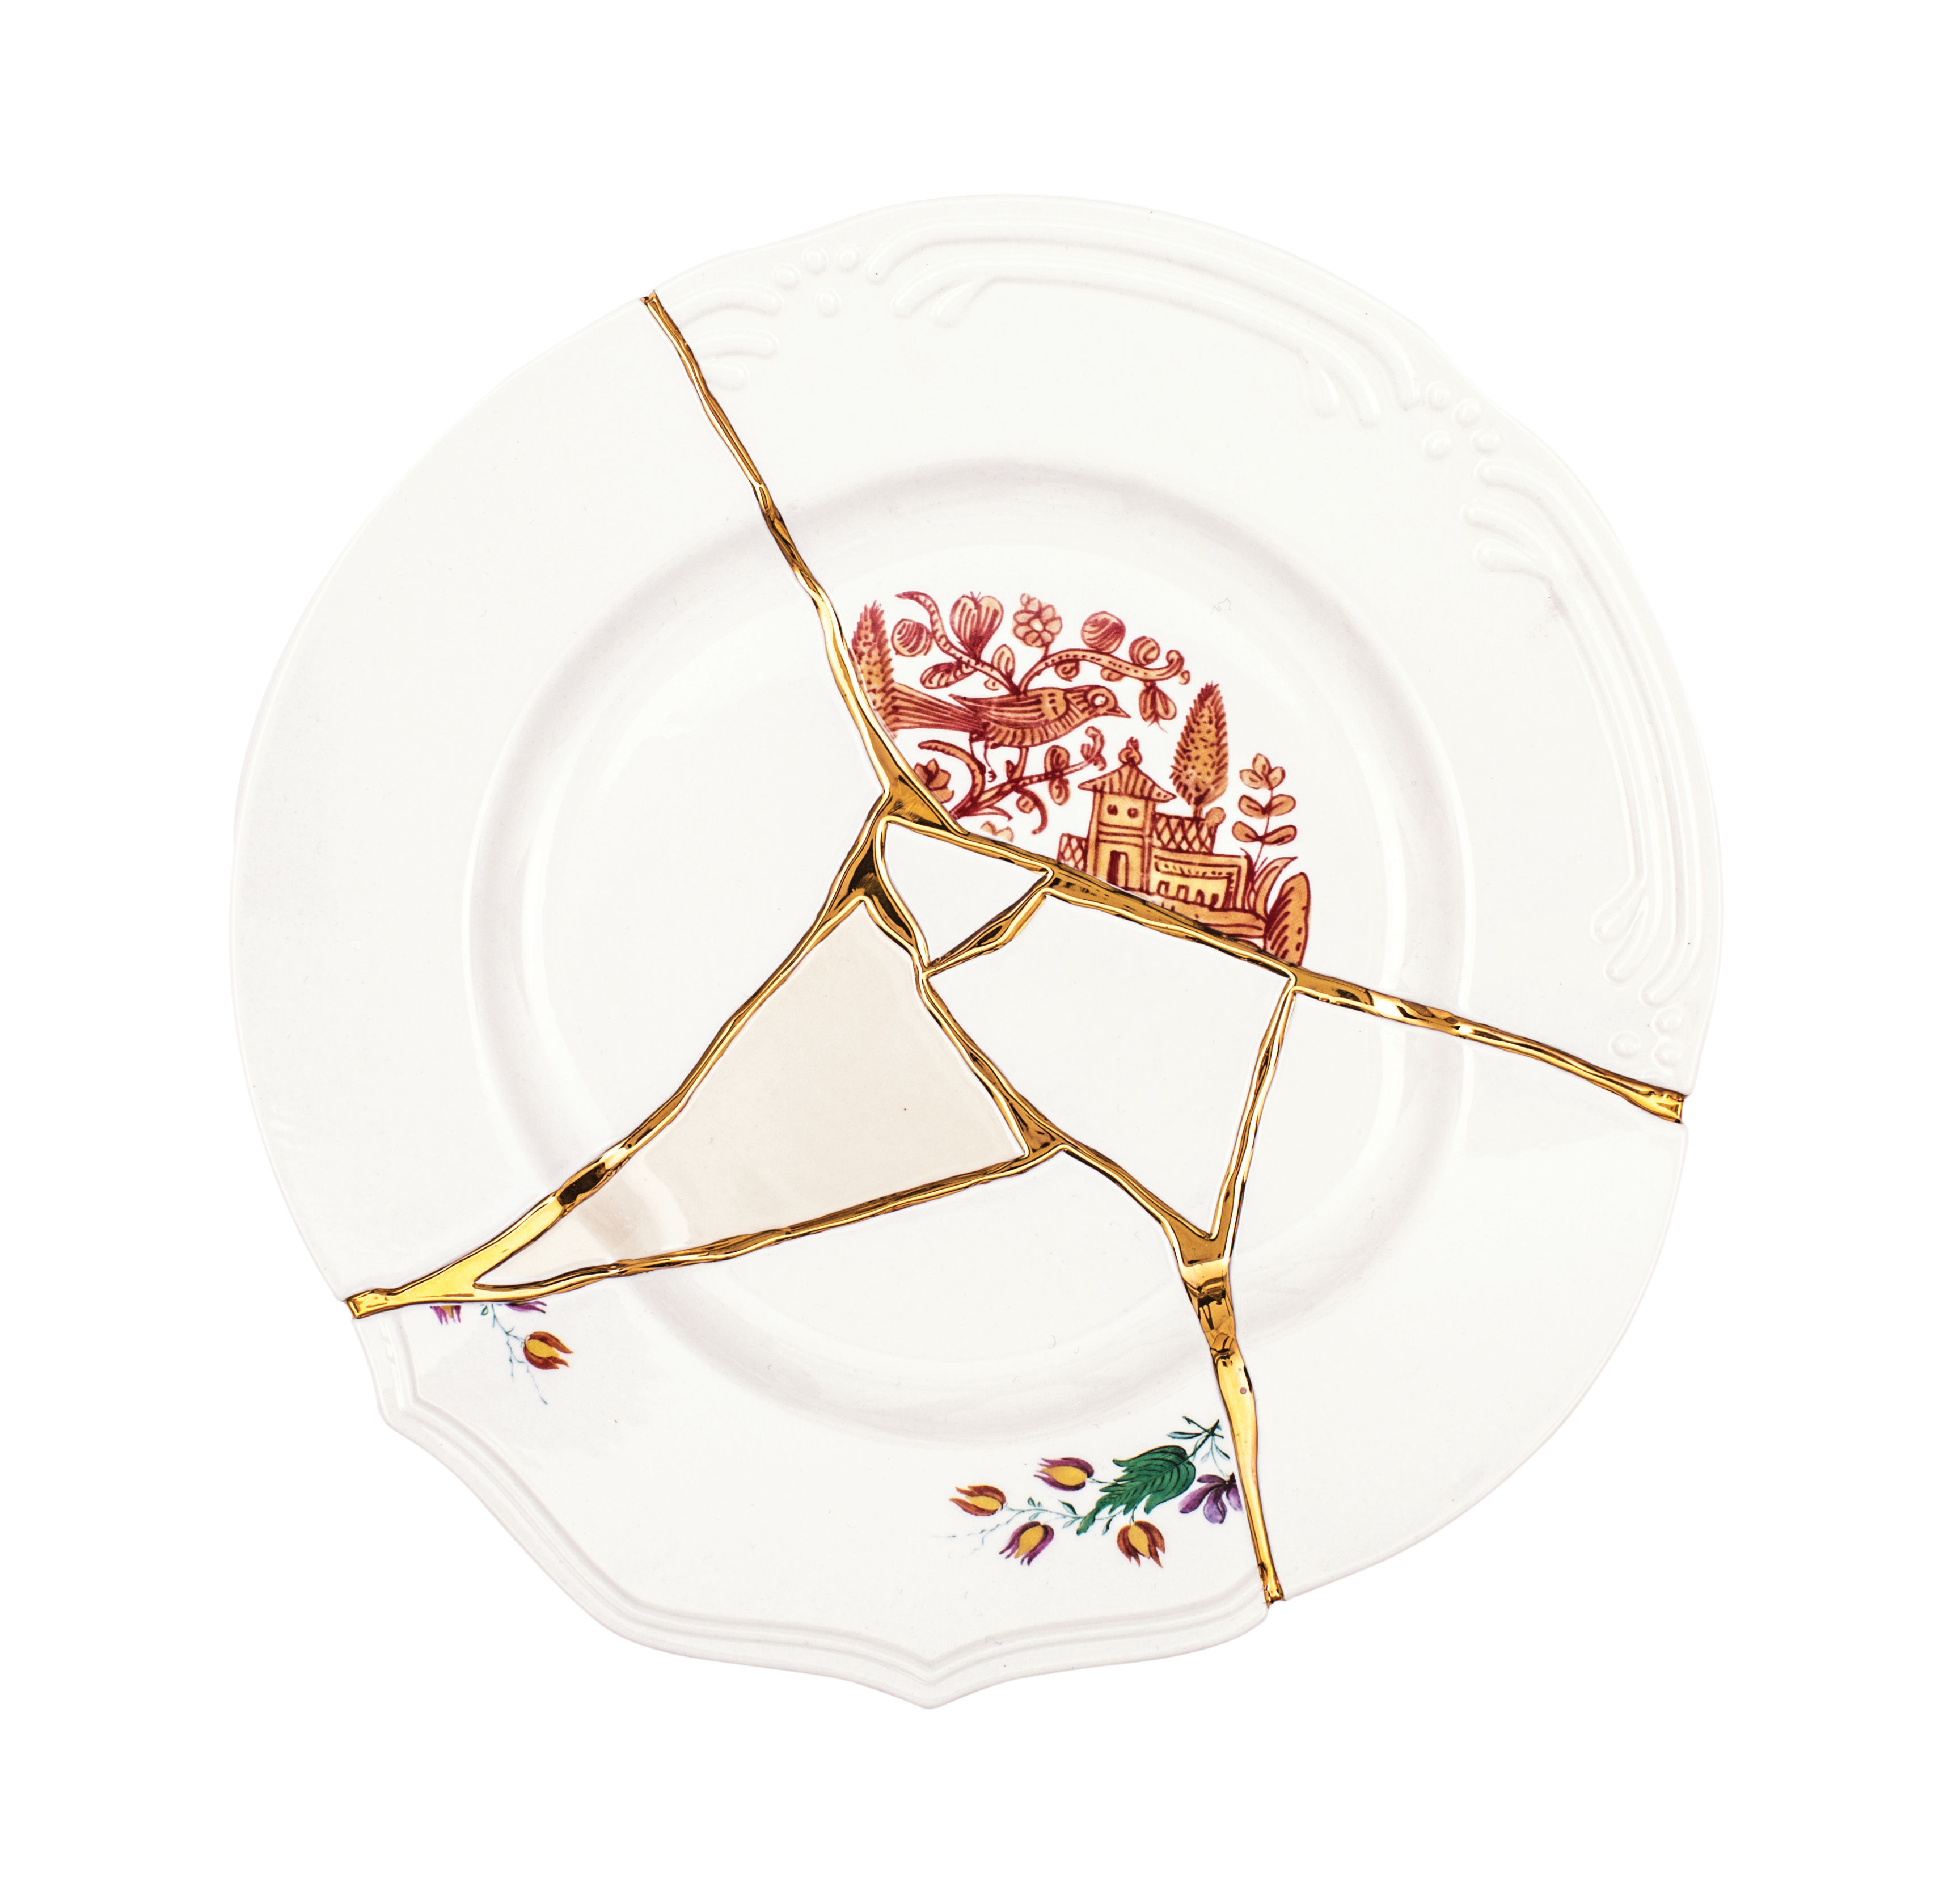 Arts de la table - Assiettes - Assiette Kintsugi / Porcelaine & or fin - Seletti - Blanc & or / Motifs rouges - Or, Porcelaine